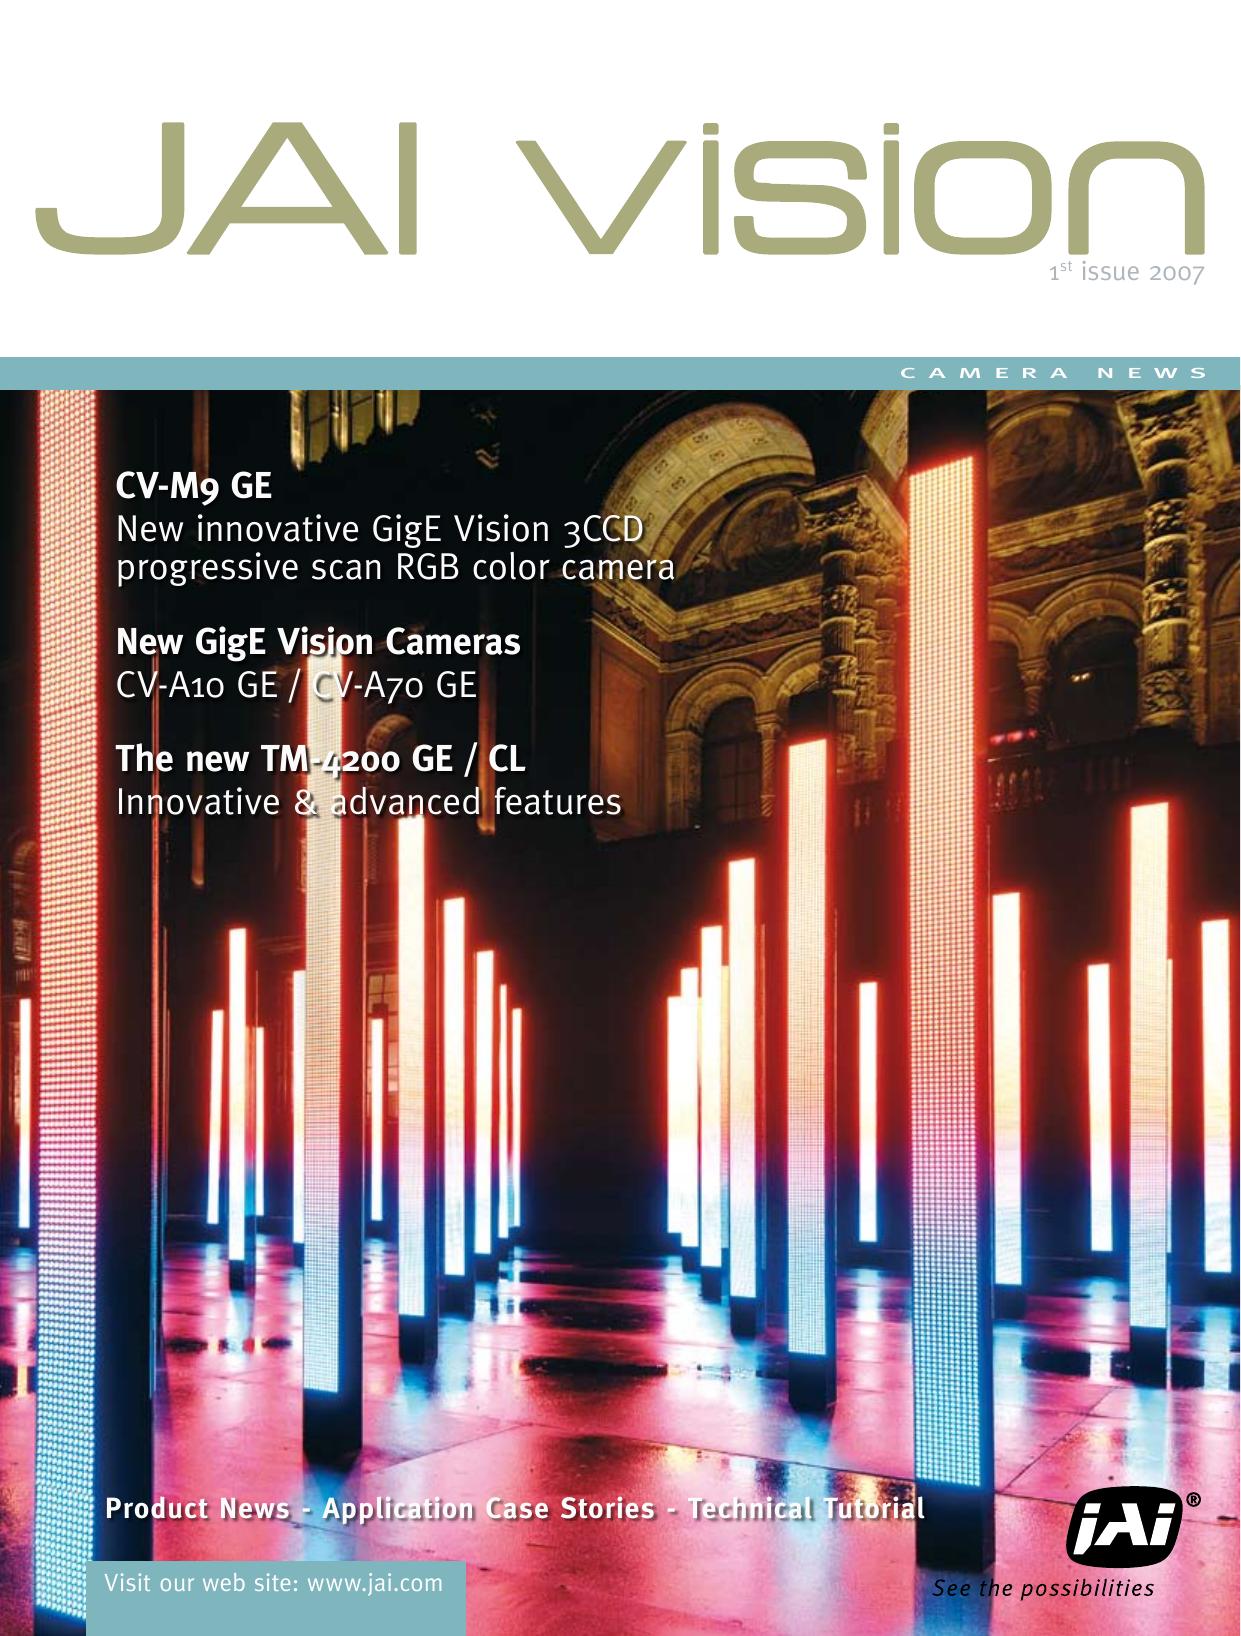 New GigE Vision Cameras CV-A10 GE / CV-A70 GE CV | manualzz com